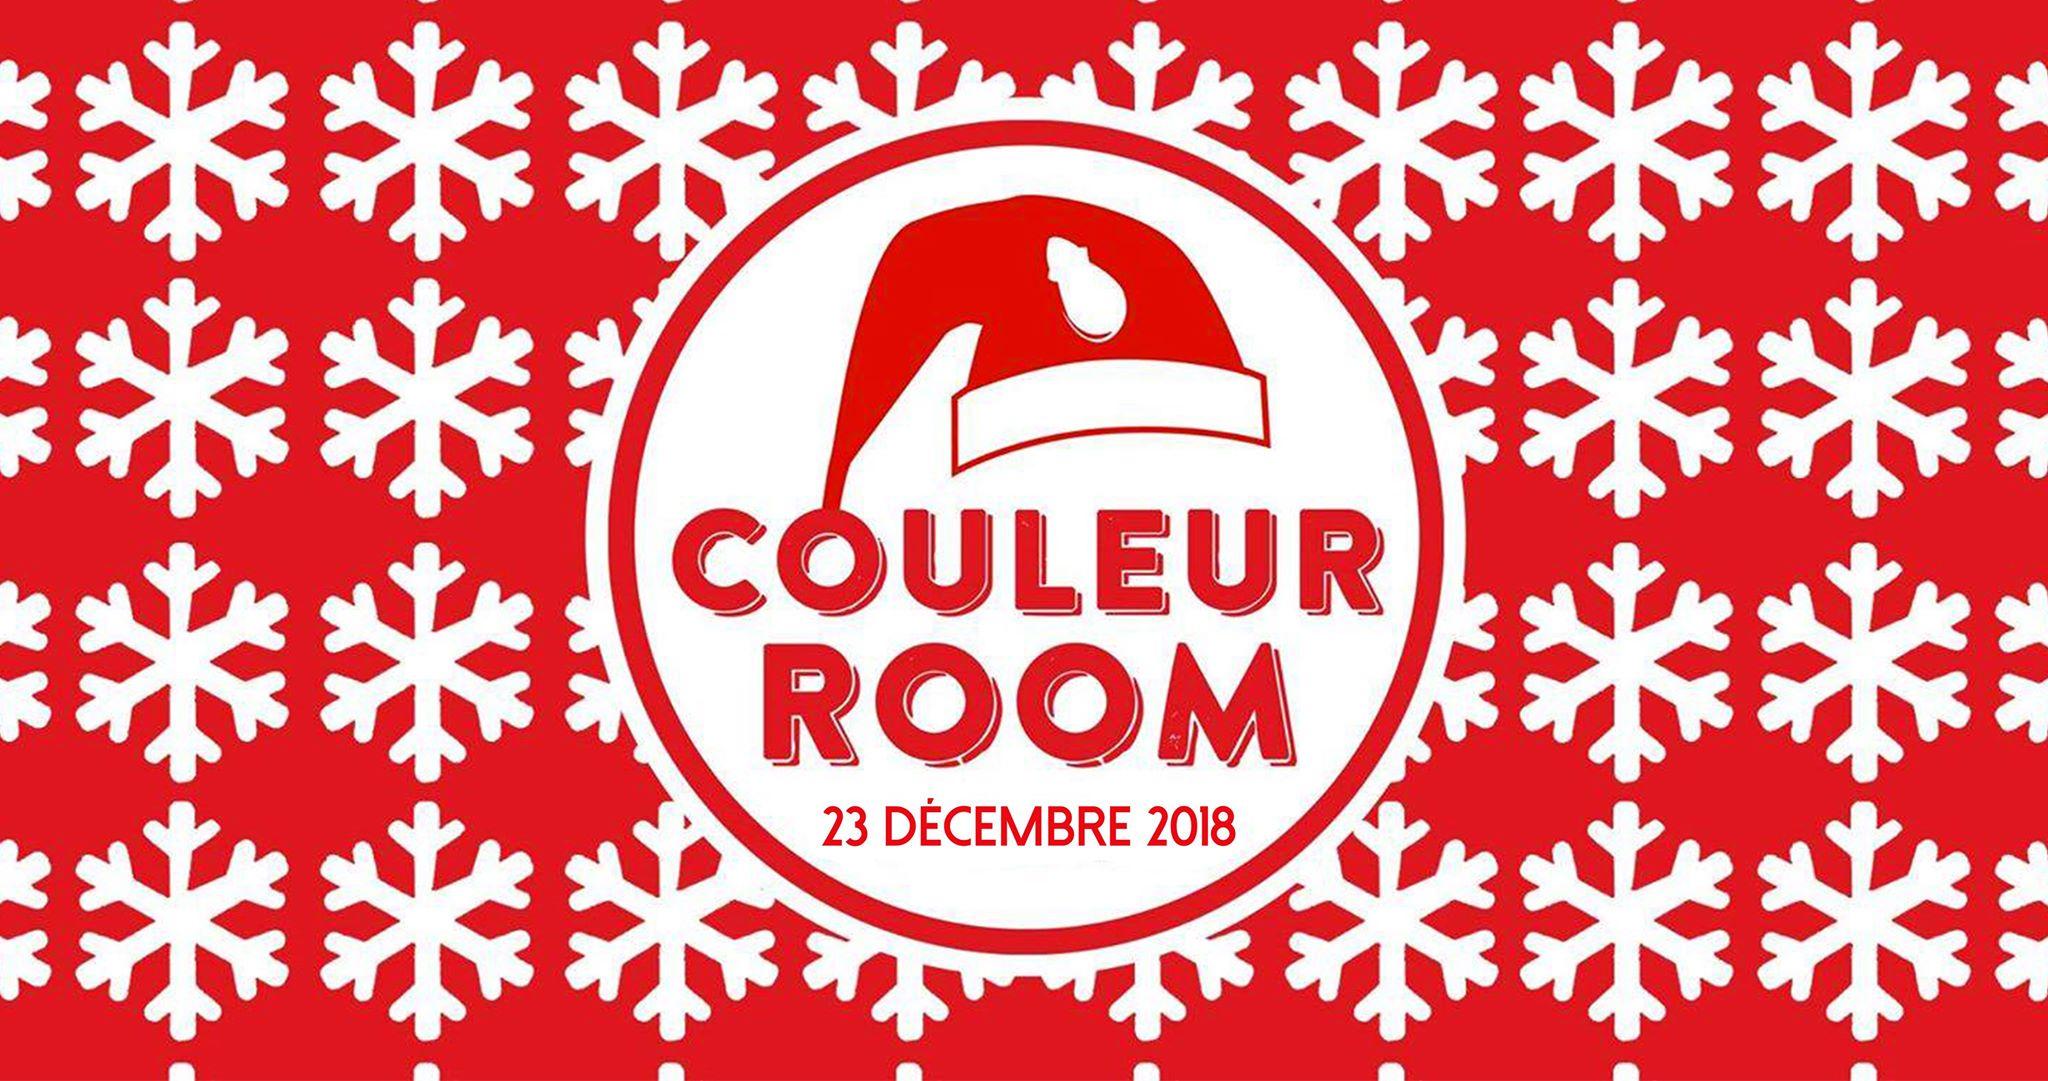 Image En Couleur De Noel.Dimanche 23 Decembre Couleur Room Noel La Couleur De La